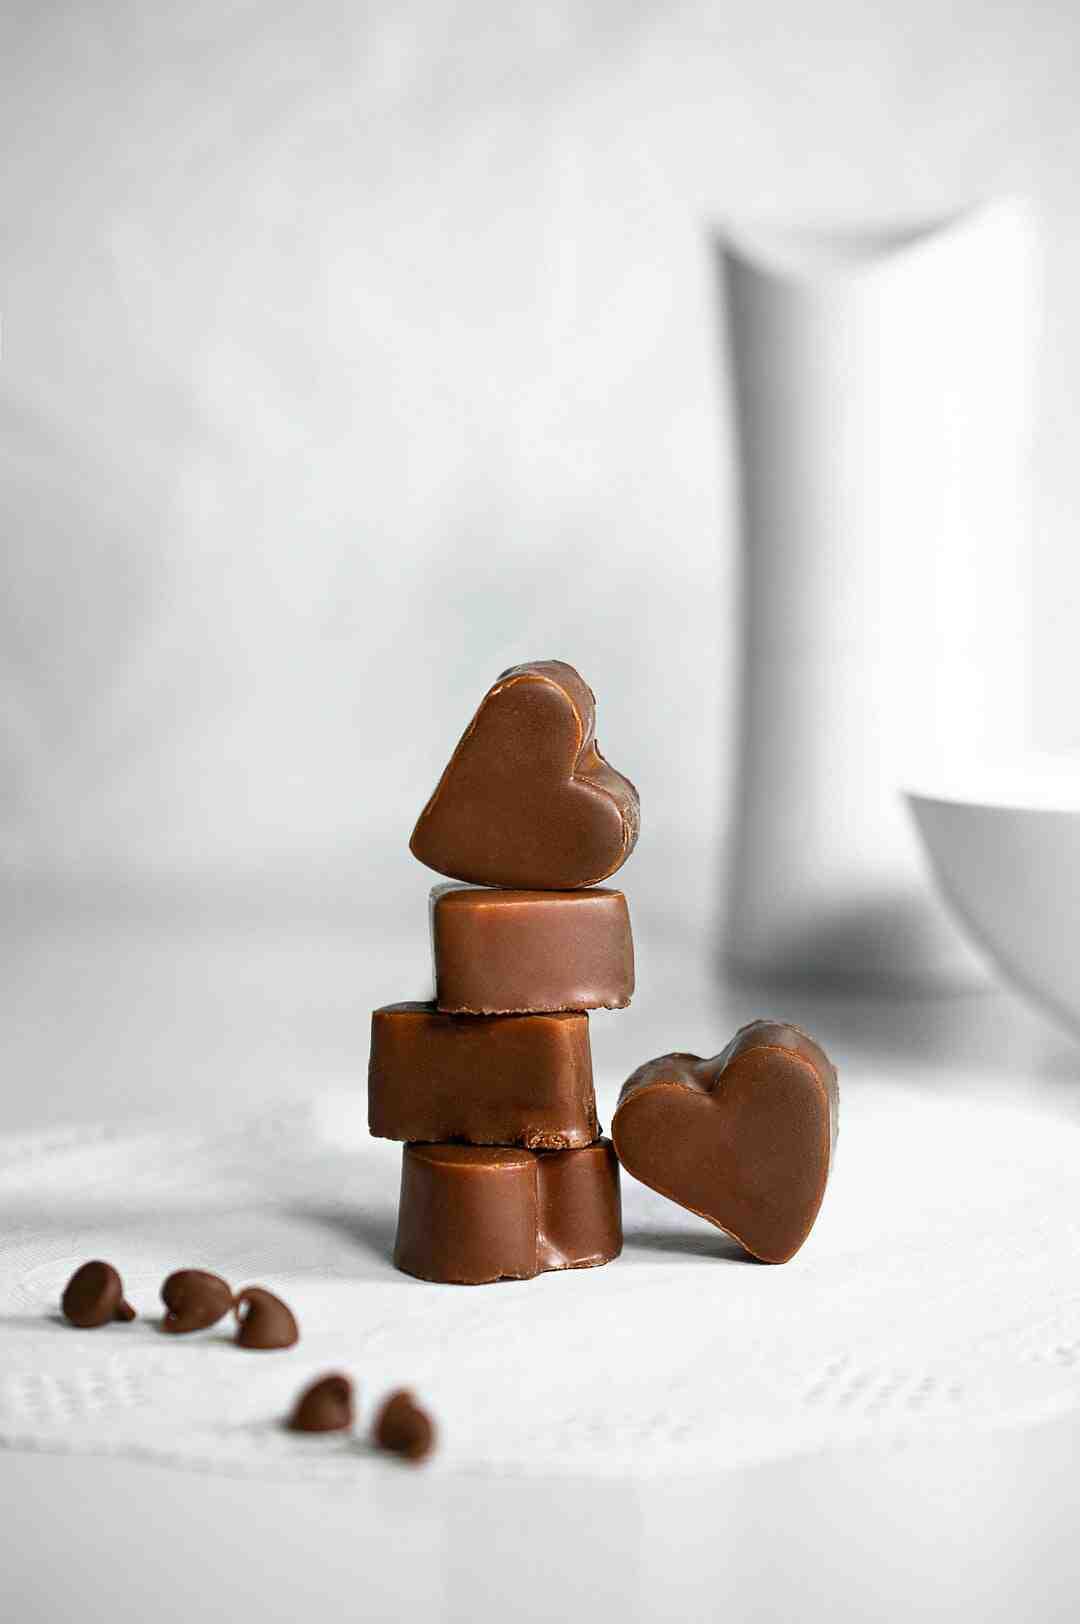 Pourquoi j'ai toujours envie de manger du chocolat ?